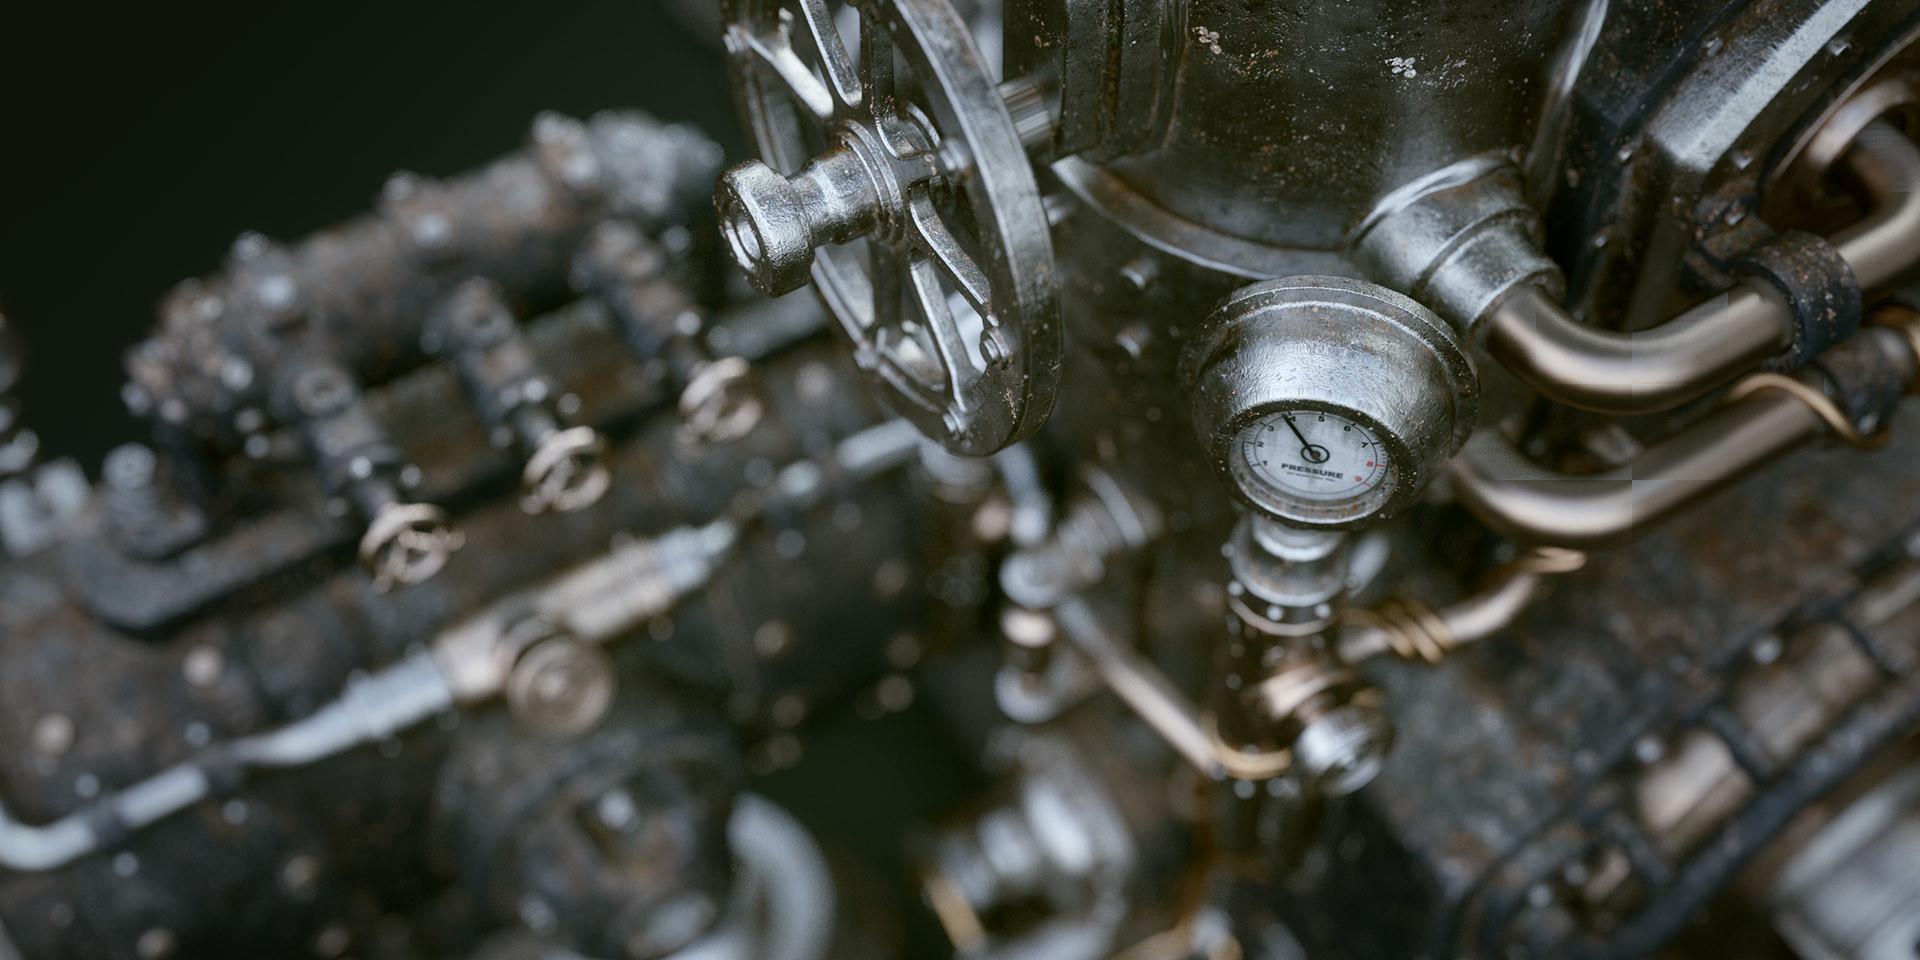 Toni bratincevic fumudifier v01 04